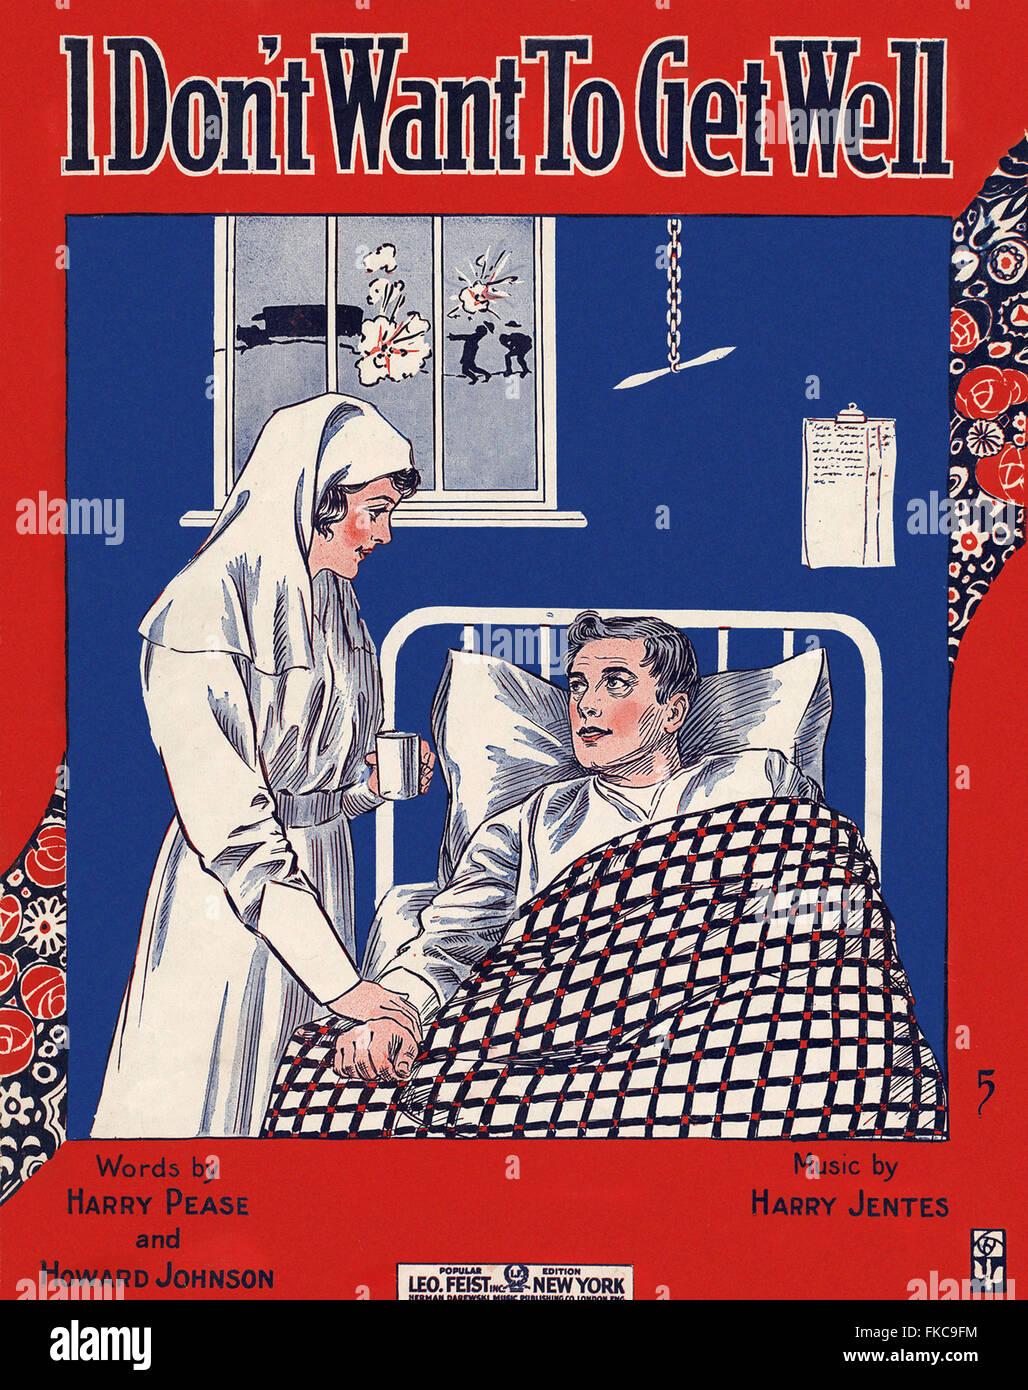 UK Illustrations Magazine Advert - Stock Image